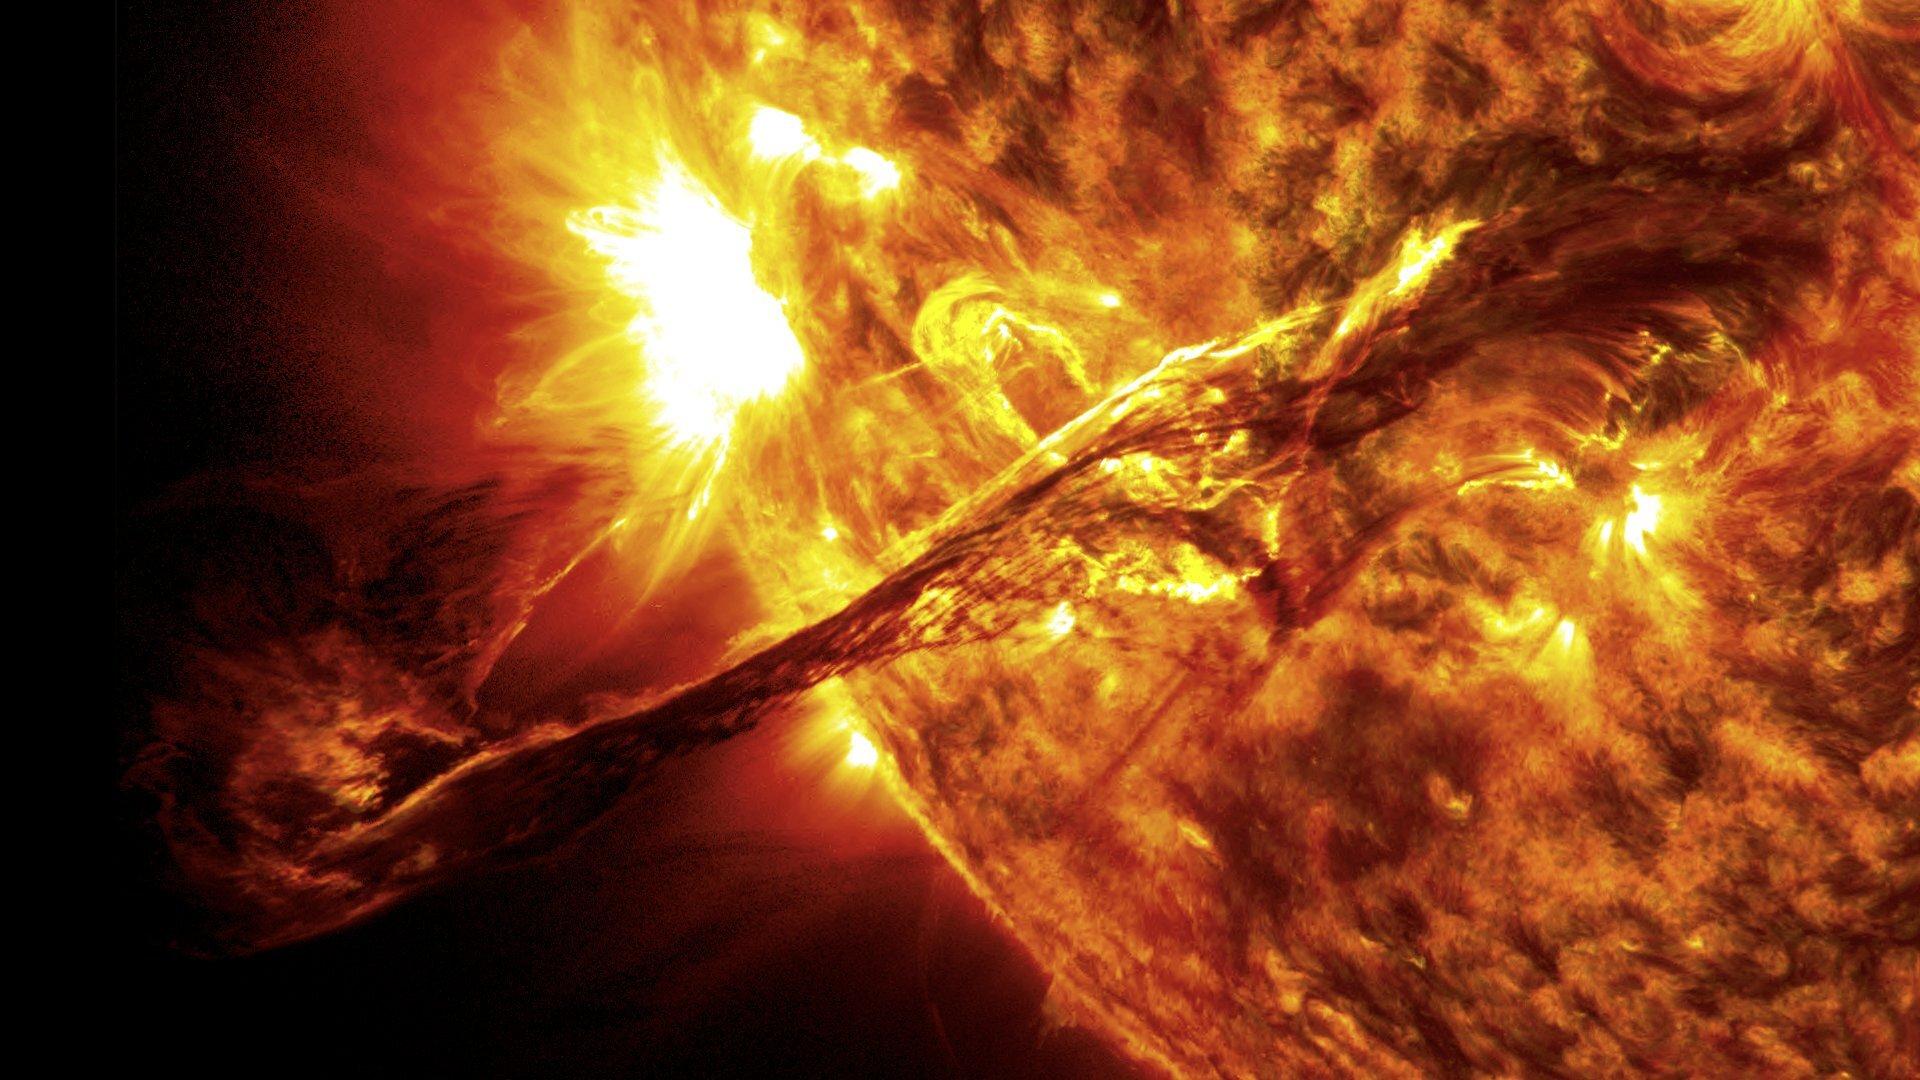 Zdjęcie przedstawia fragment Słońca podczas zjawiska koronalnego wyrzutu masy. Po prawej stronie kadru prezentowana jest tarcza słoneczna wpostaci wycinka czerwonożółtej kuli. Wgórnej części kadru na tej kuli znajduje się ogromna eksplozja wpostaci białej plamy, aponiżej jej podłużny obłok rozżarzonej materii wyrzucany jest wprzestrzeń kosmiczną. Wszystkiemu towarzyszą zakłócenia wyglądu powierzchni Słońca wtym obszarze, turbulencje ijaśniejsze plamy.